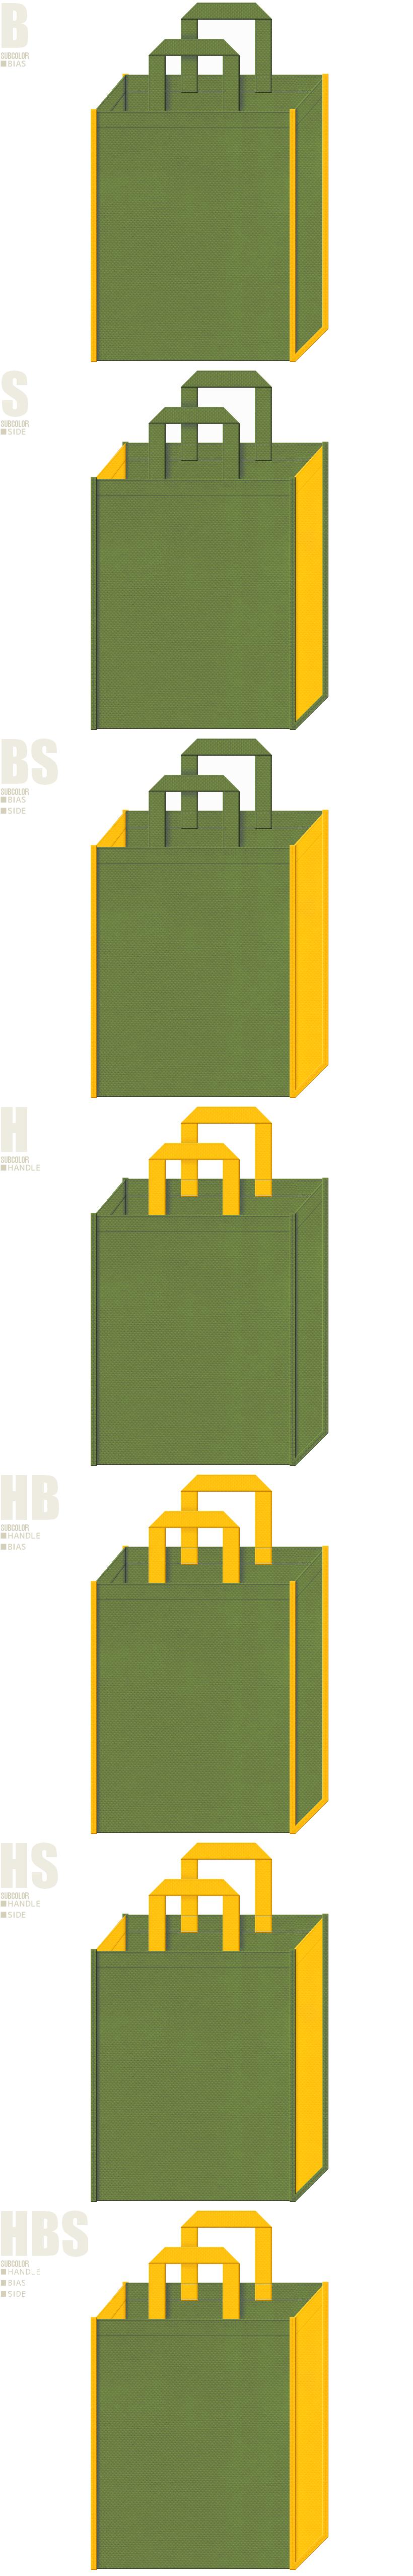 栗・宇治抹茶・スイーツ・和菓子のショッピングバッグにお奨めの不織布バッグデザイン:草色と黄色の配色7パターン